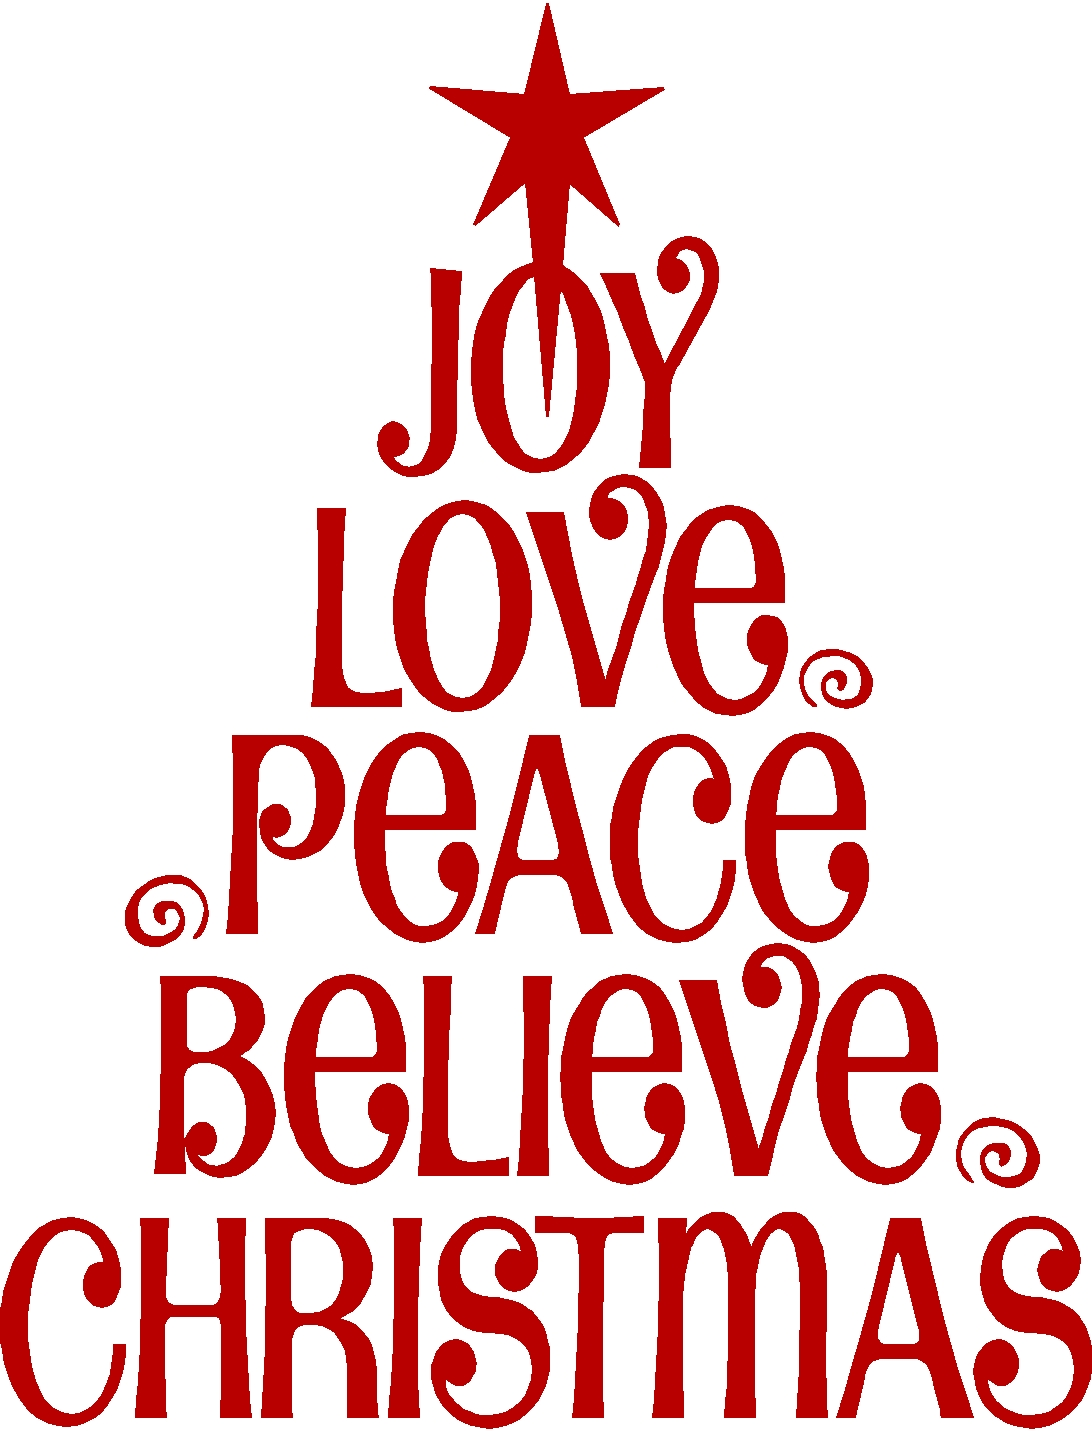 Peace Love Joy Christmas Clipart.